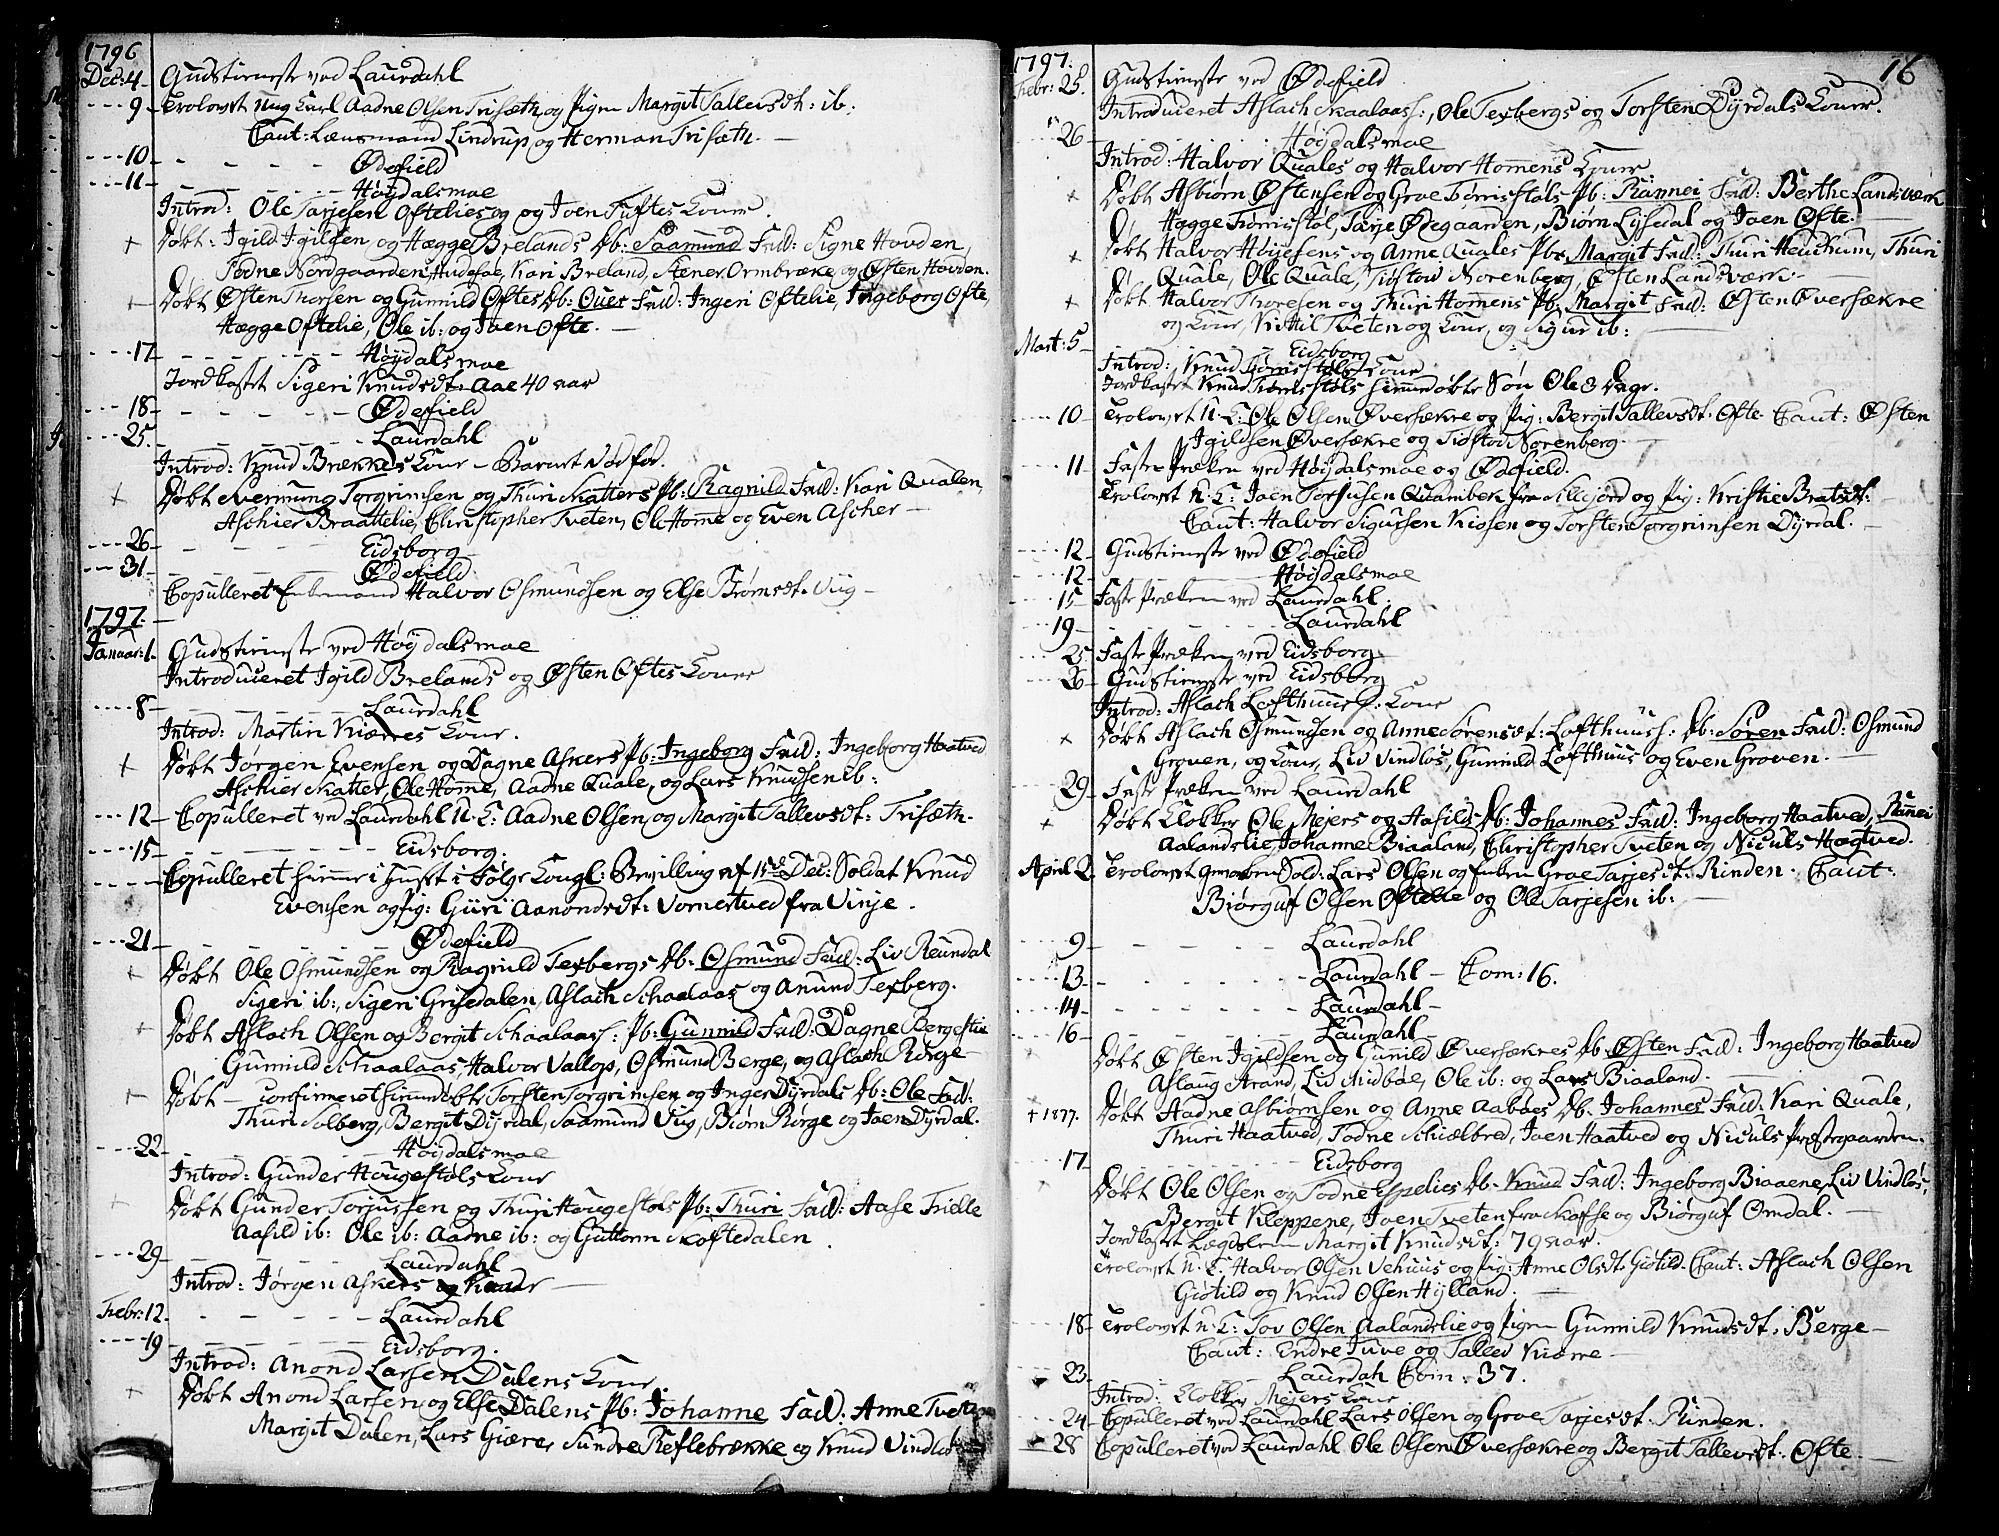 SAKO, Lårdal kirkebøker, F/Fa/L0004: Ministerialbok nr. I 4, 1790-1814, s. 16